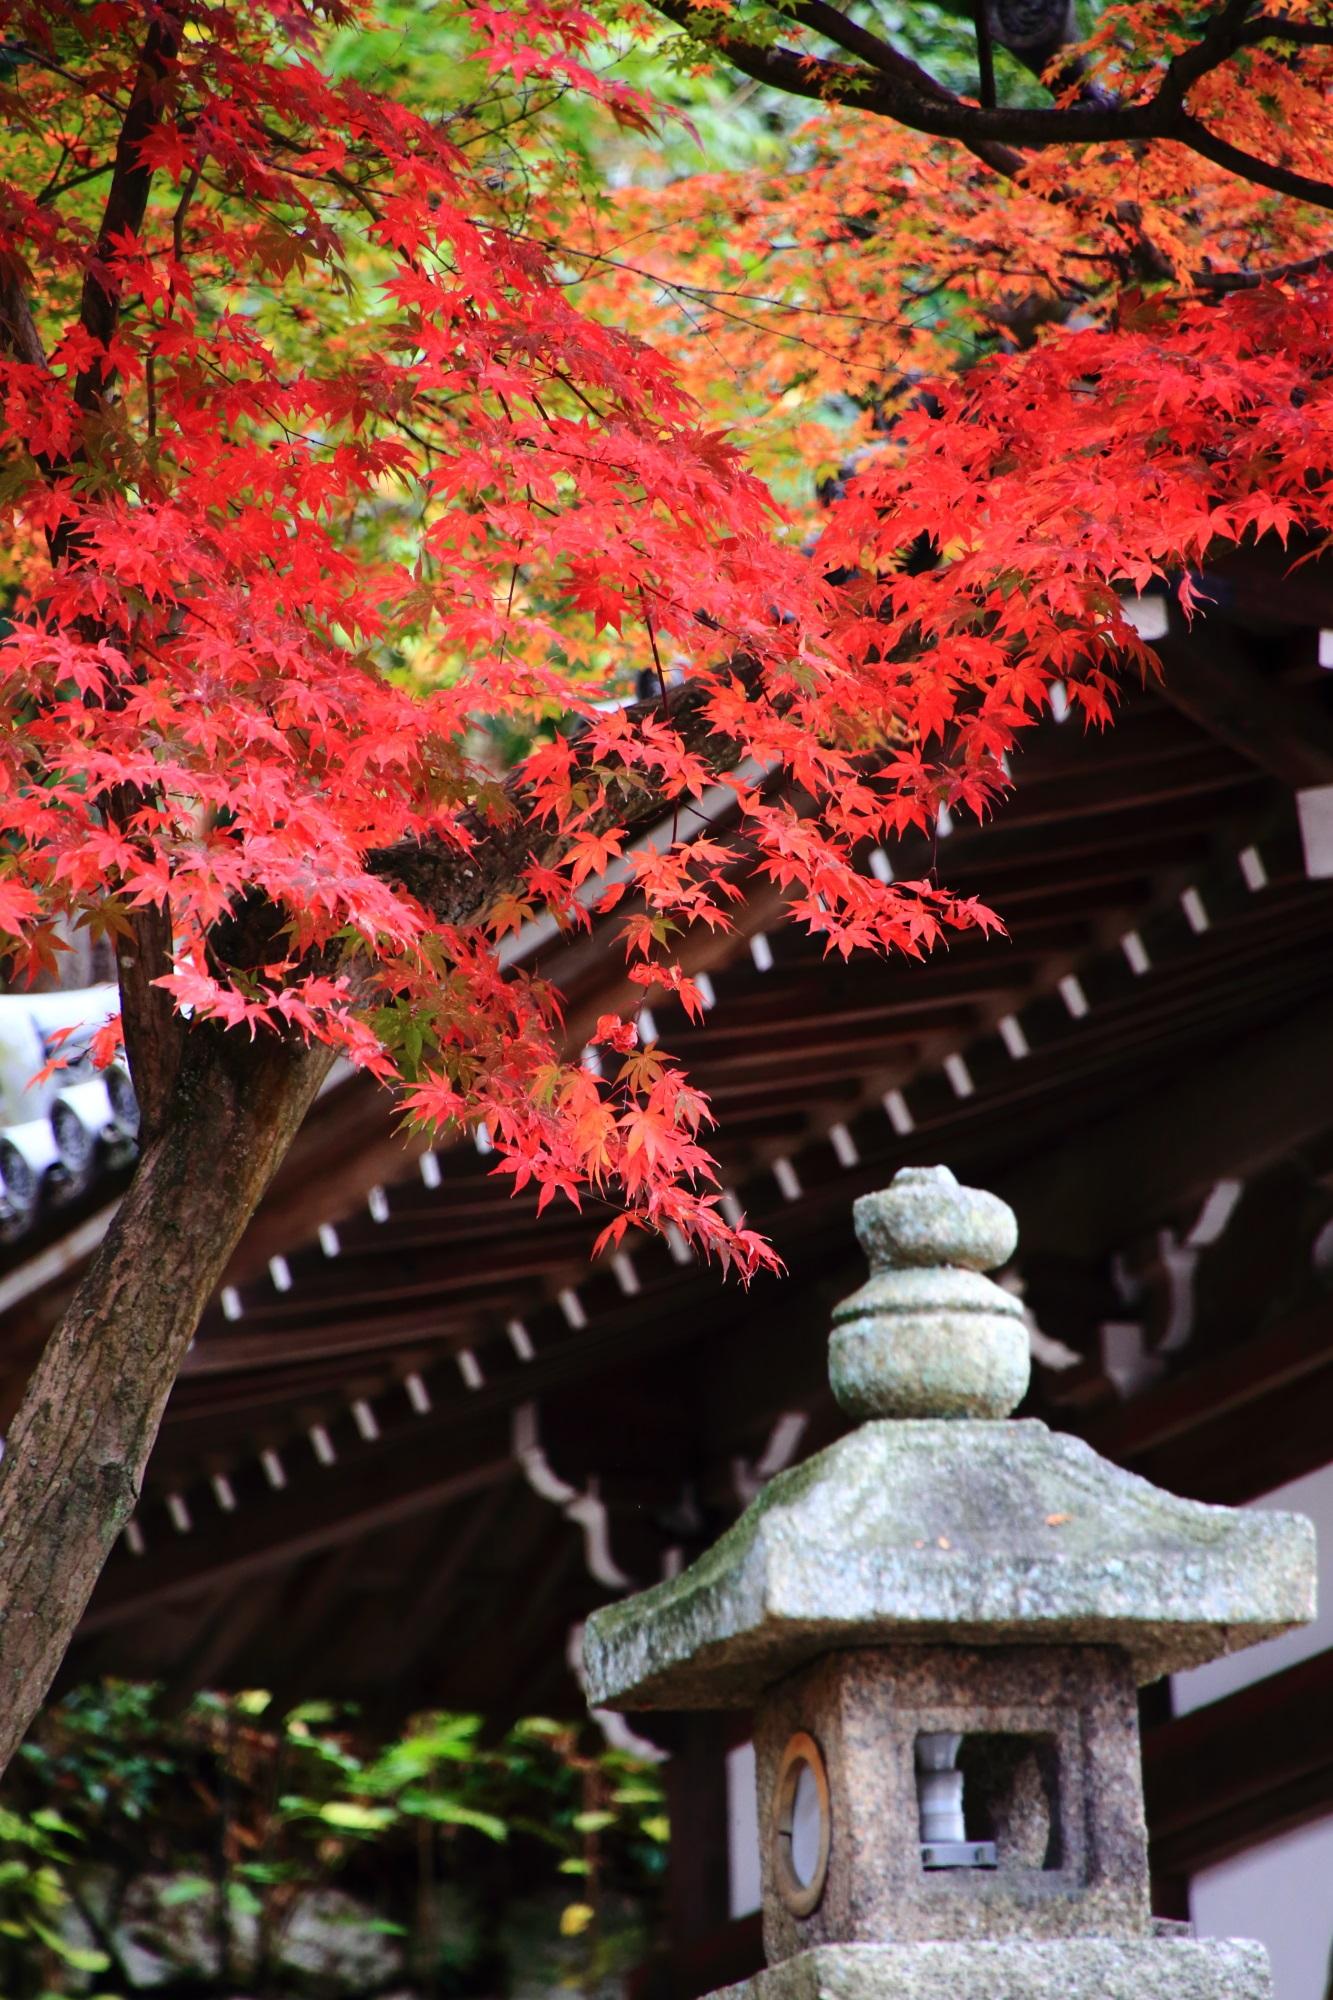 秋風にそよぐ知恩院御廟の鮮やかな紅葉